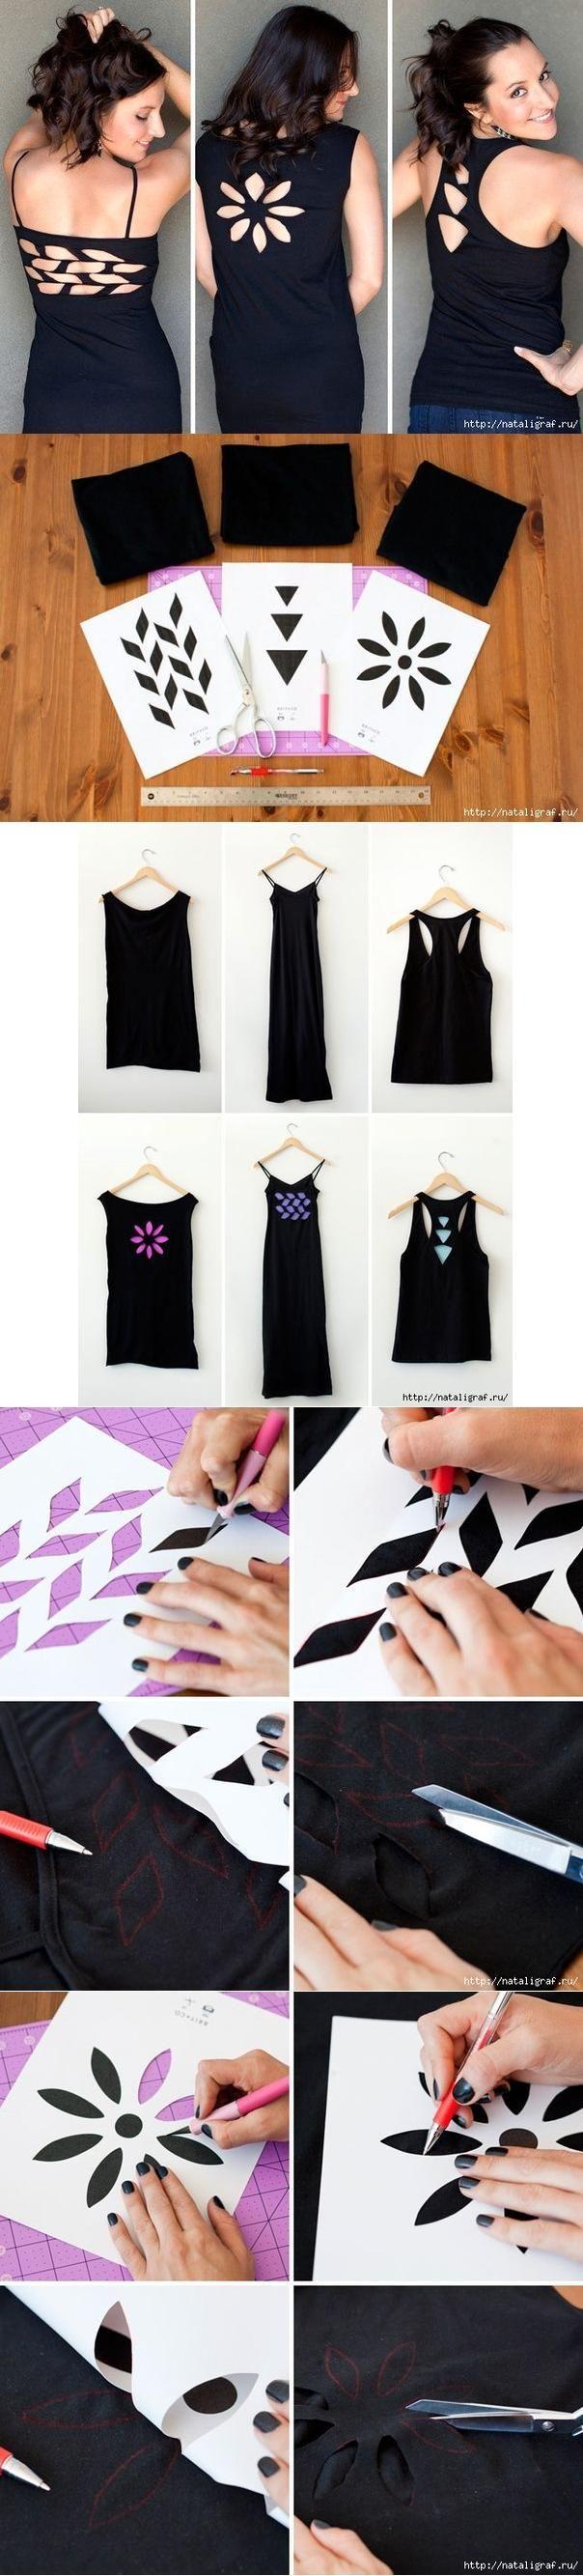 DIY Shirt Cut-outs: